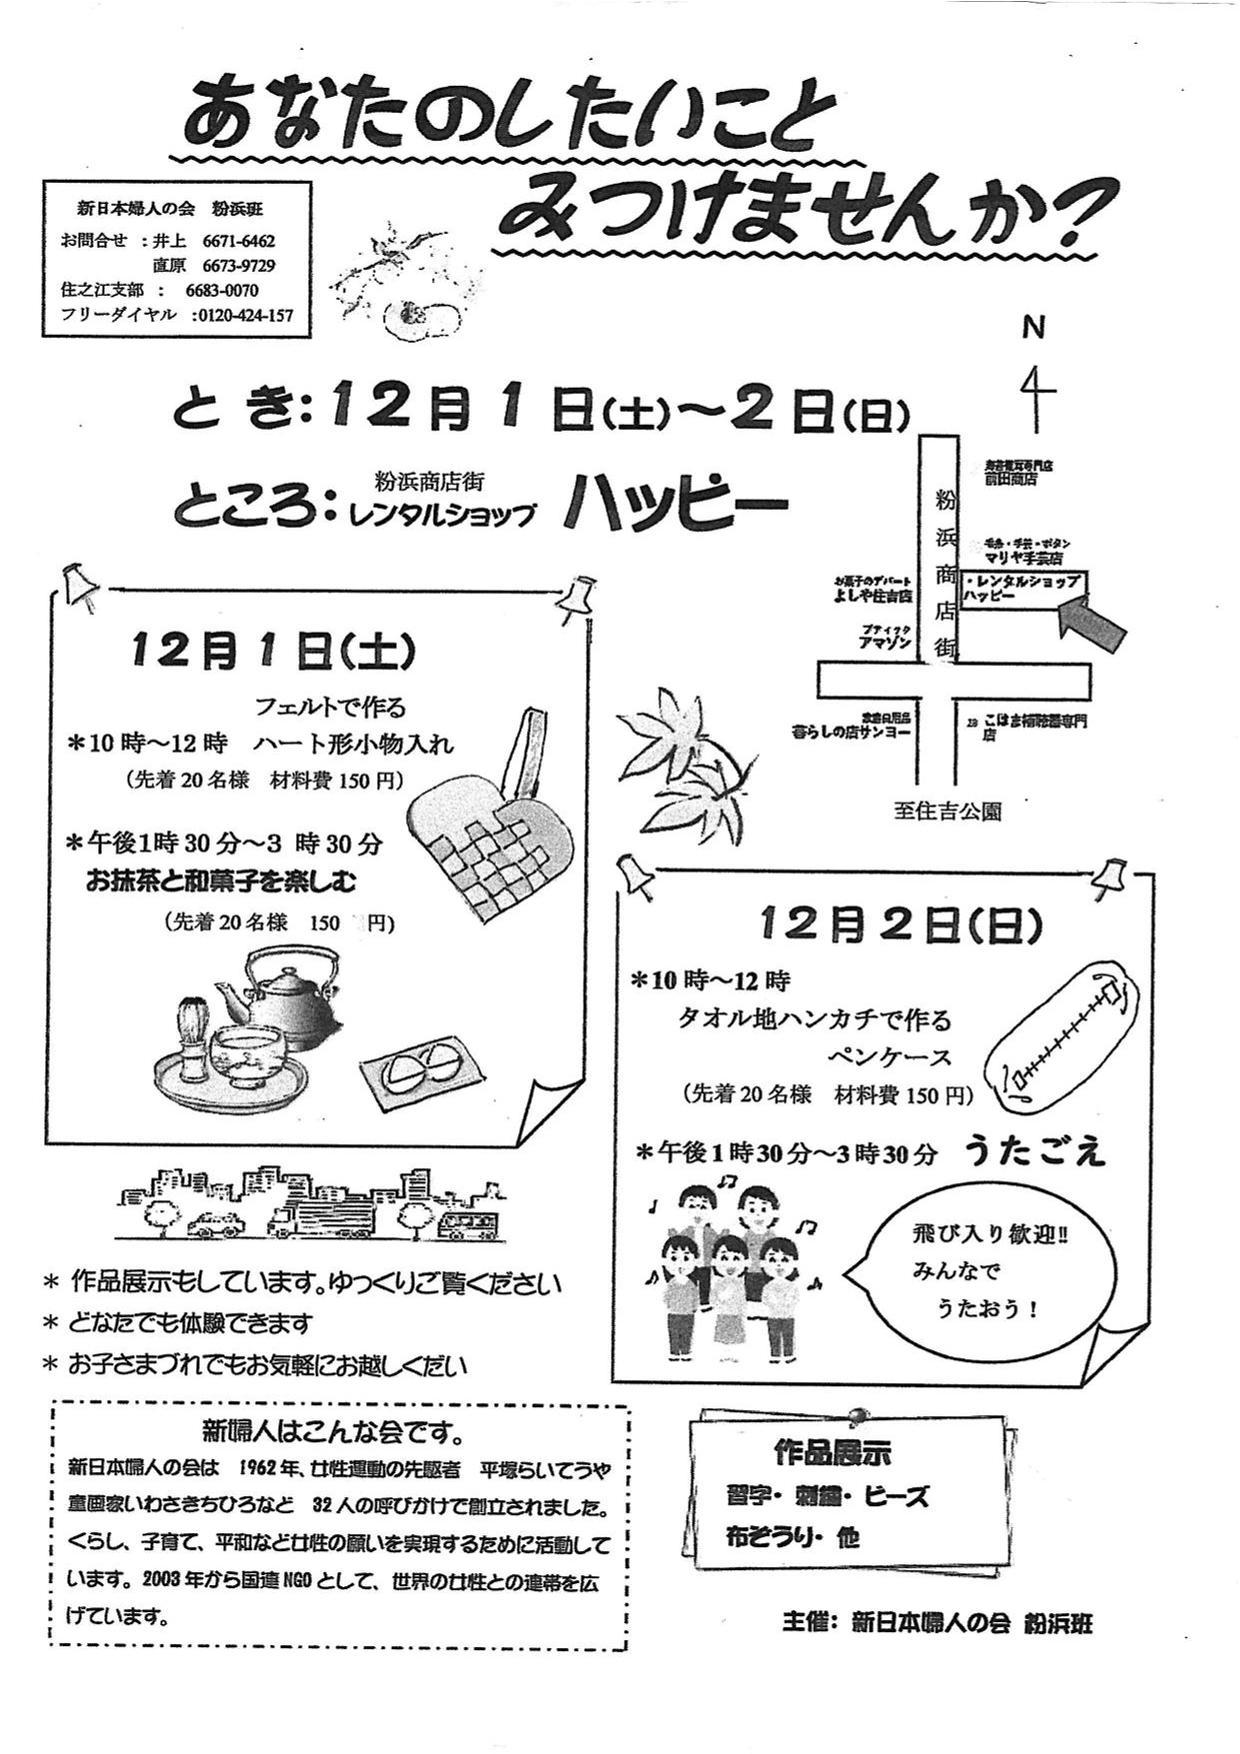 ハッピー12-01-02